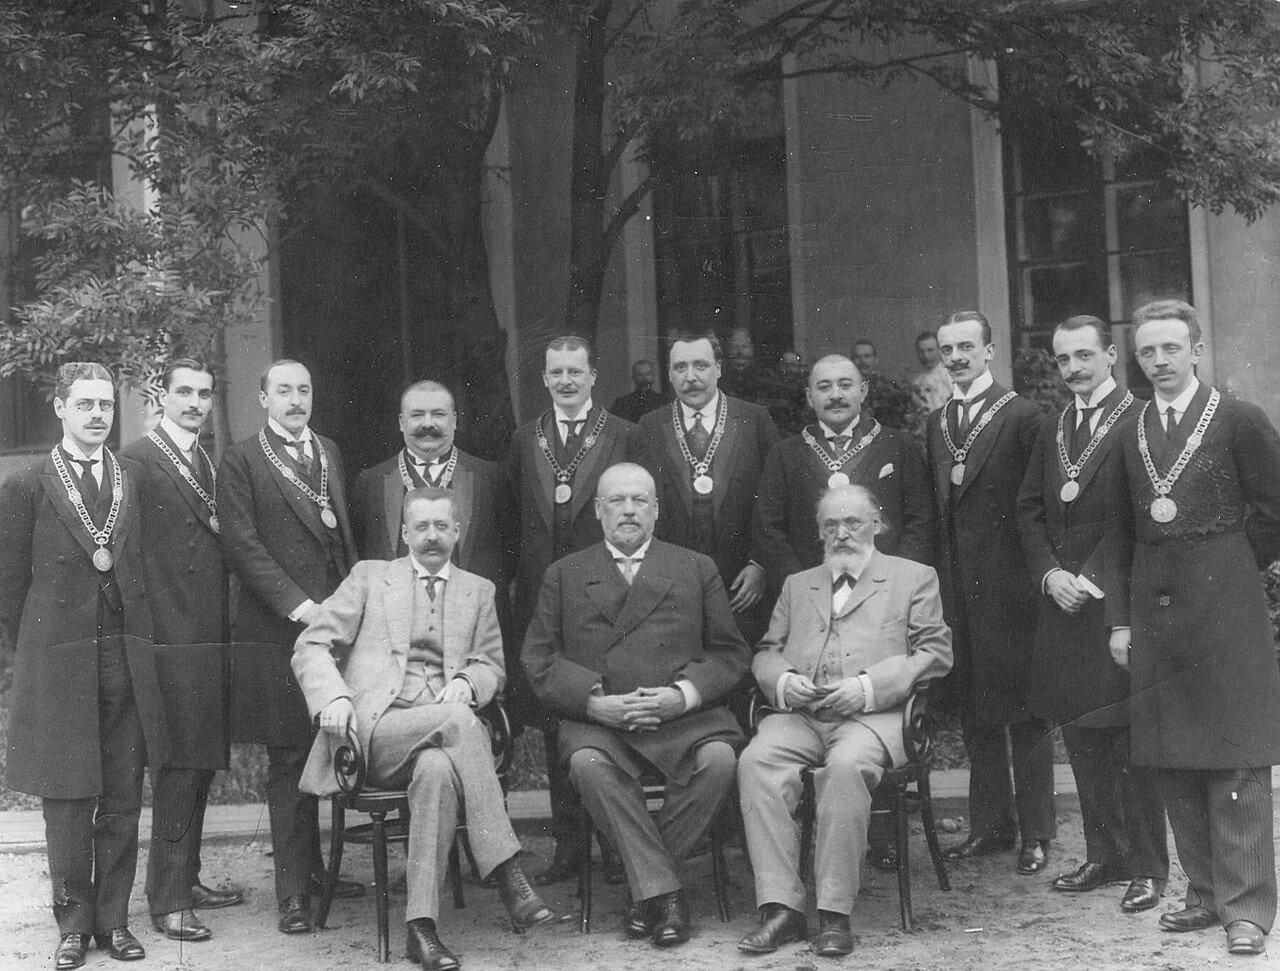 Президиум Третьей Государственной думы (сидит в центре М.В.Родзянко - председатель; слева от него В.М. Волконский - товарищ председателя) с приставской частью думы